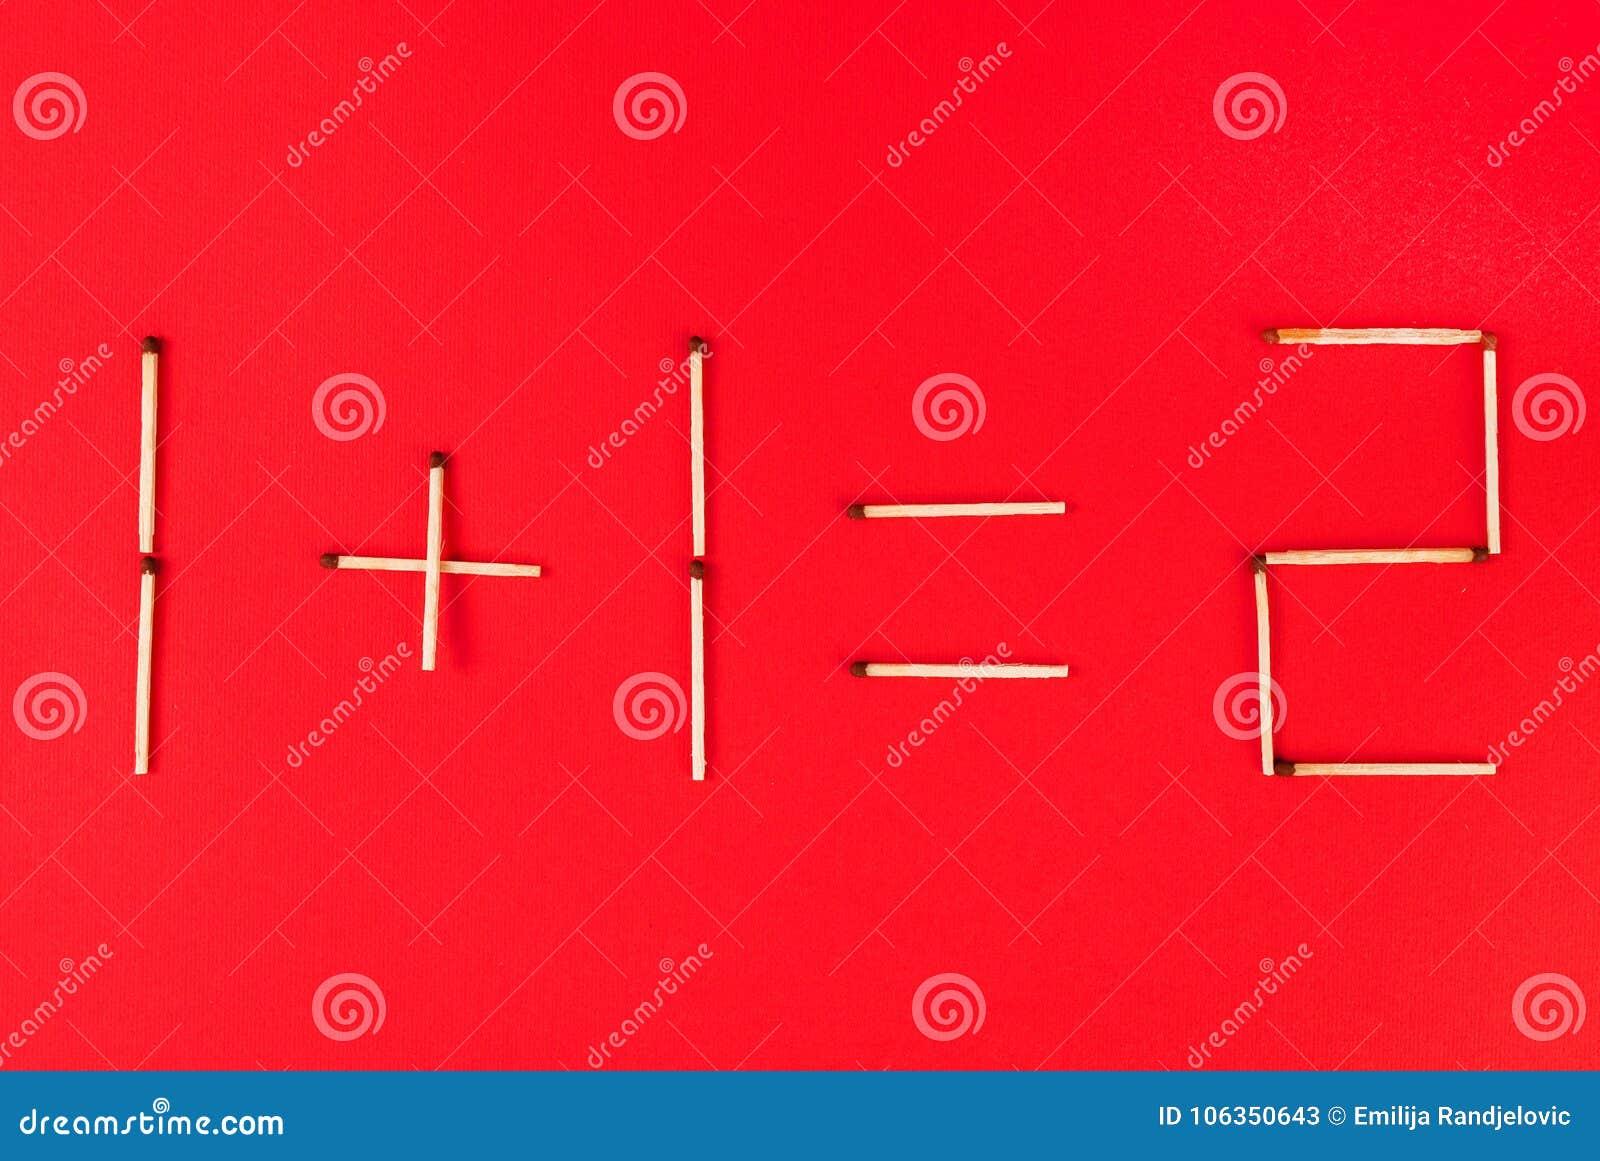 Adição matemática de números usando fósforos no fundo vermelho